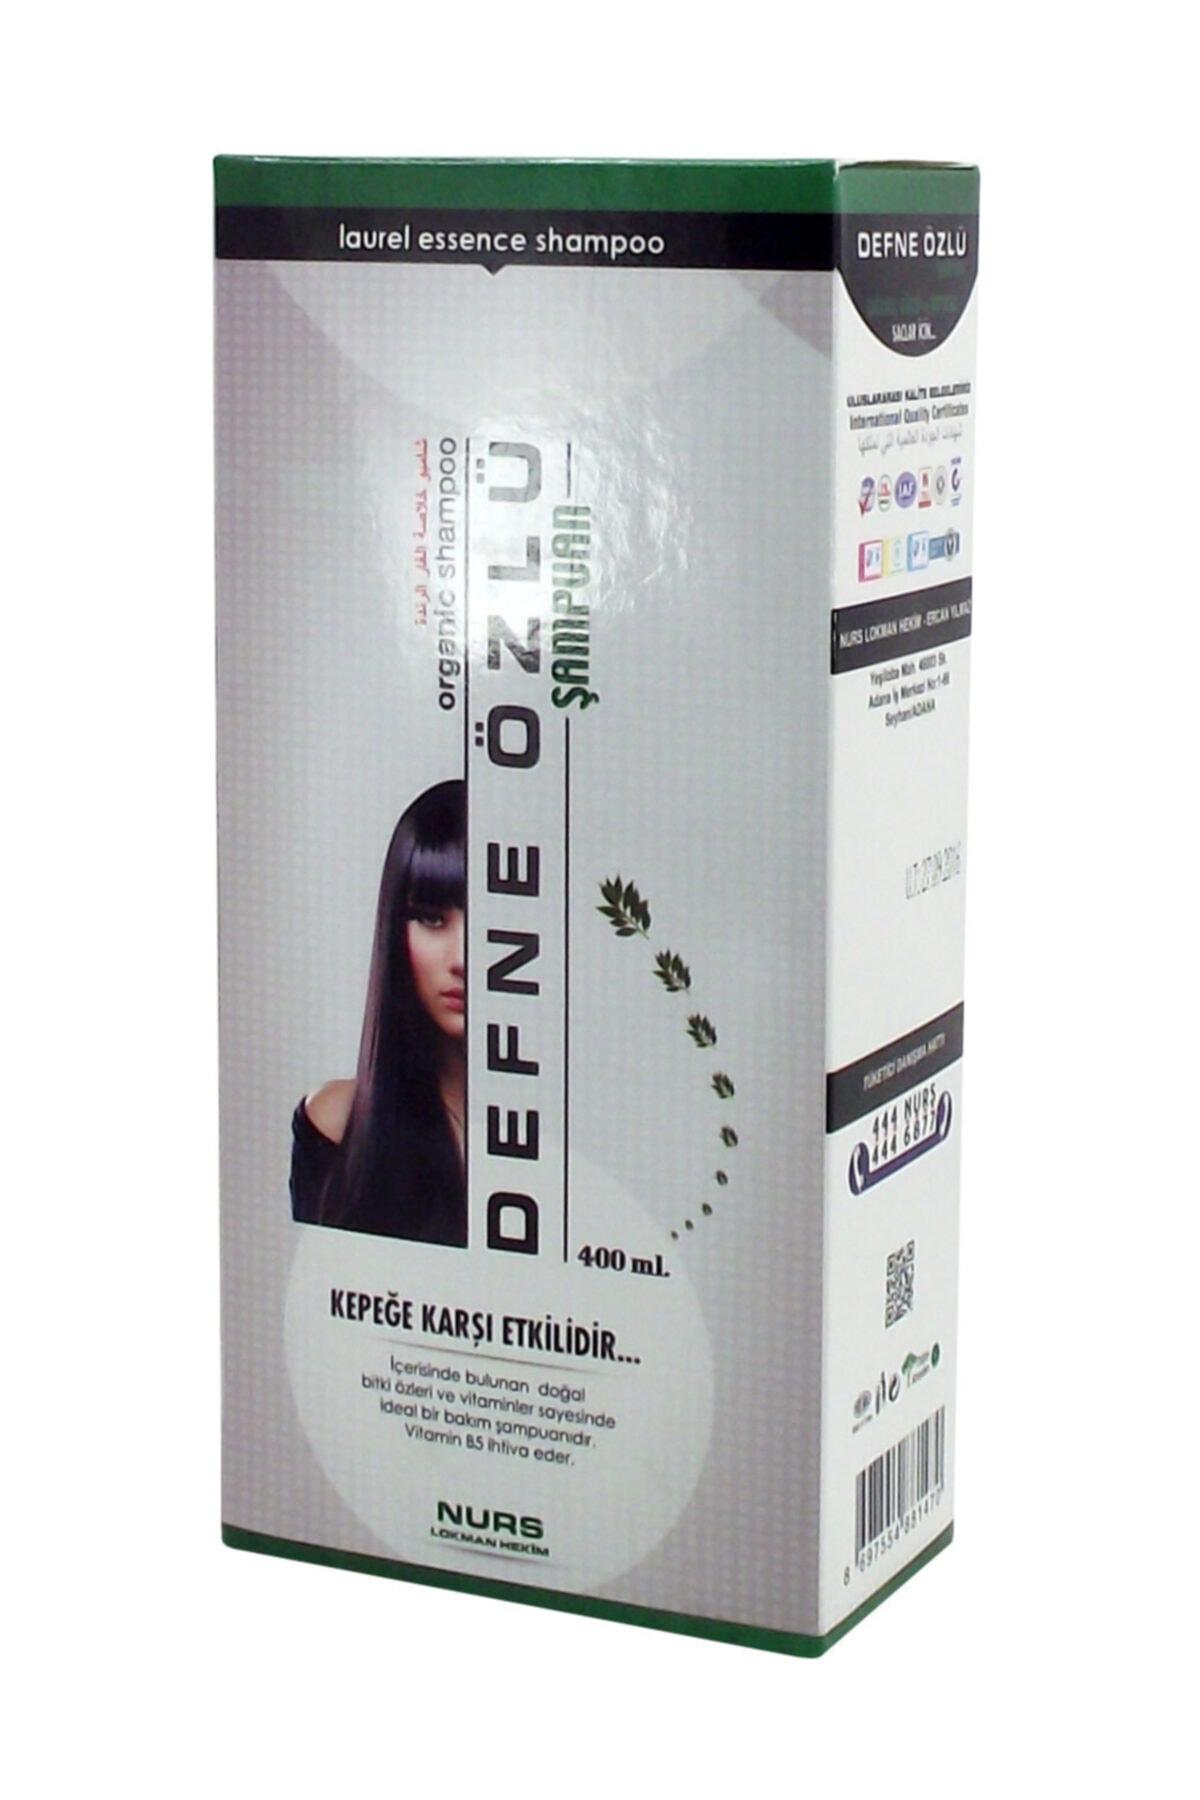 Nurs Defne Özlü Şampuan 400ml 1